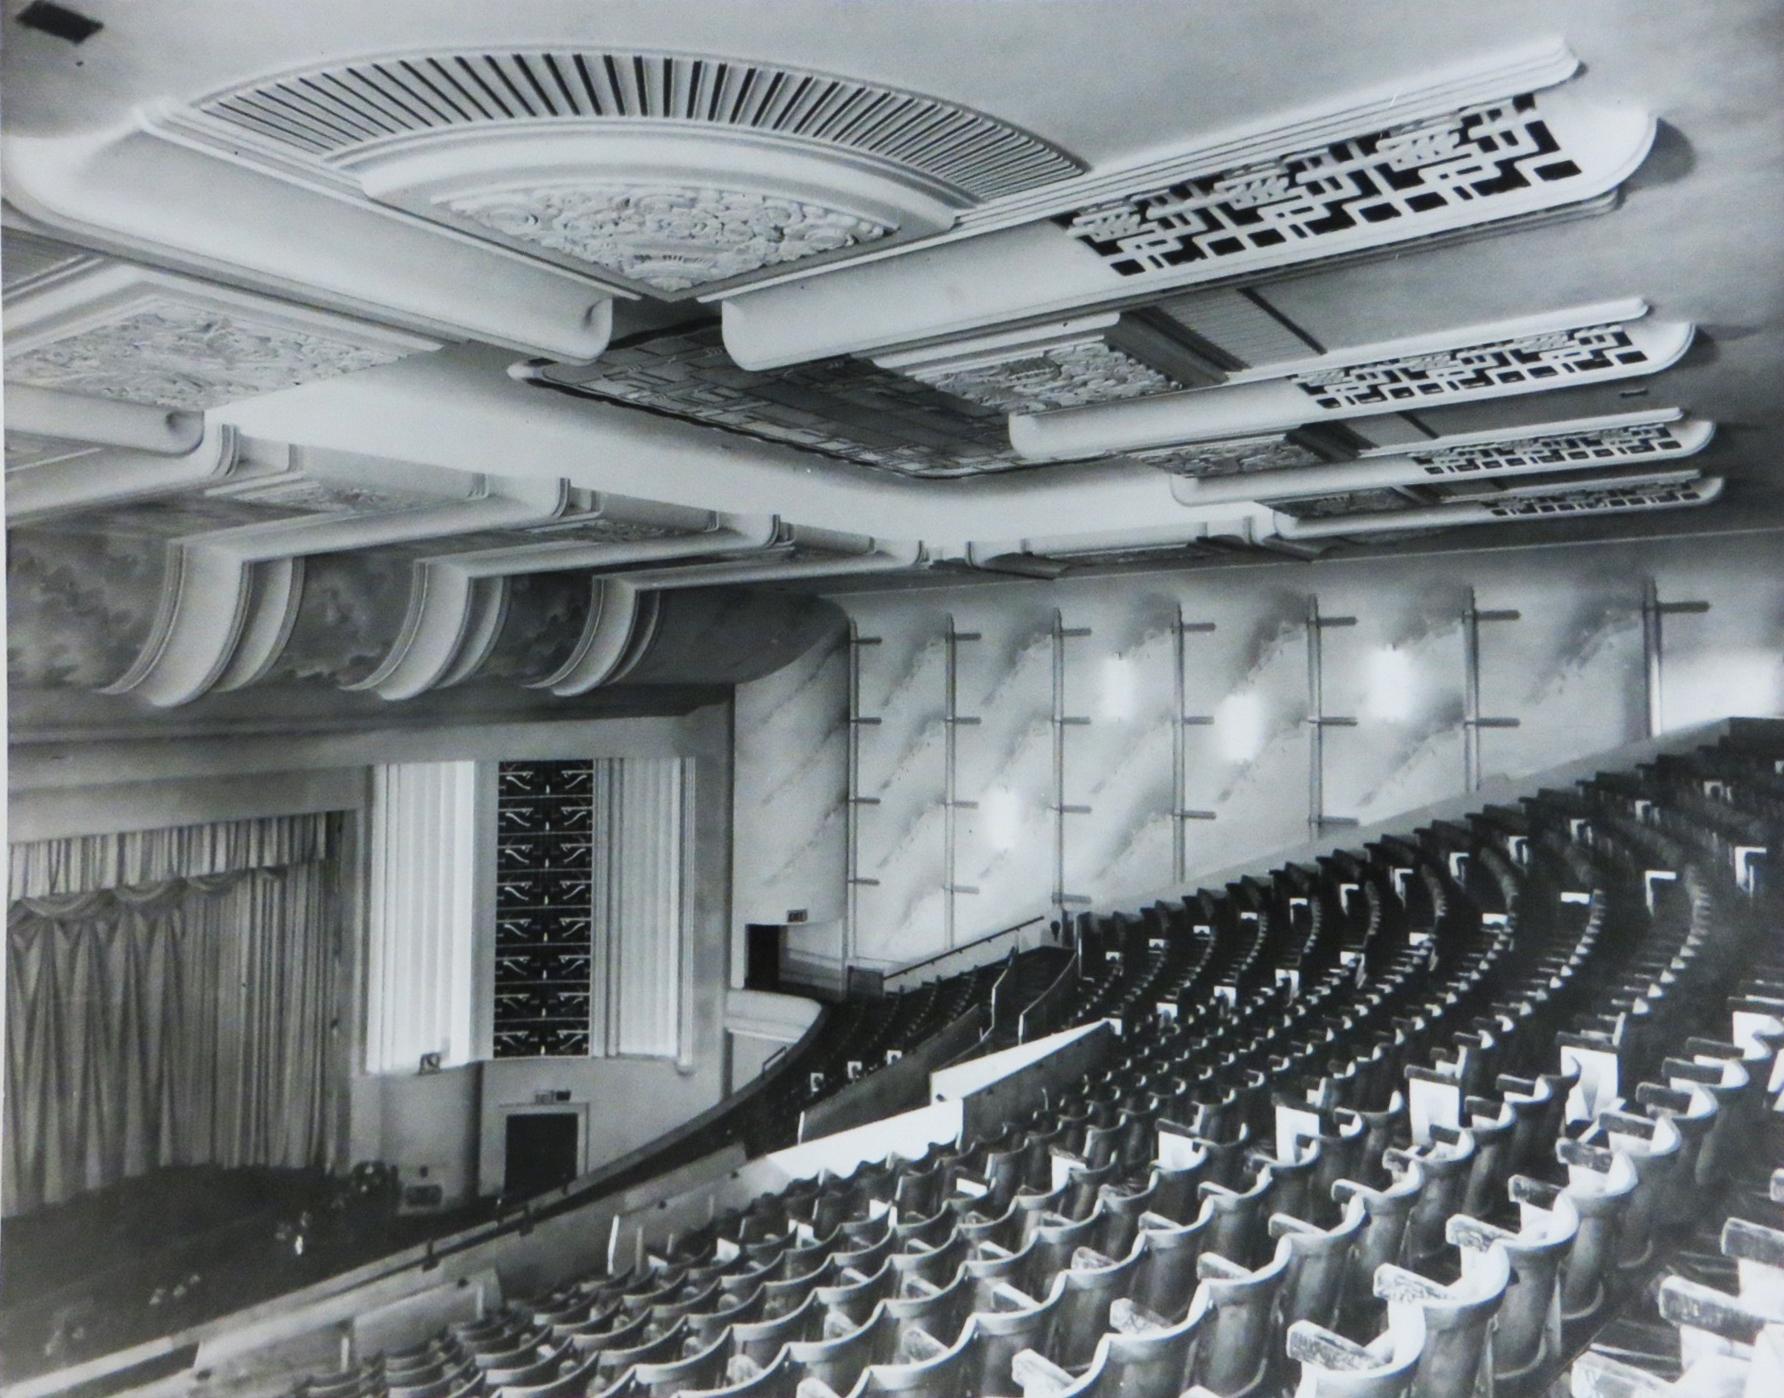 Interior shot of the original Savoy cinema auditorium